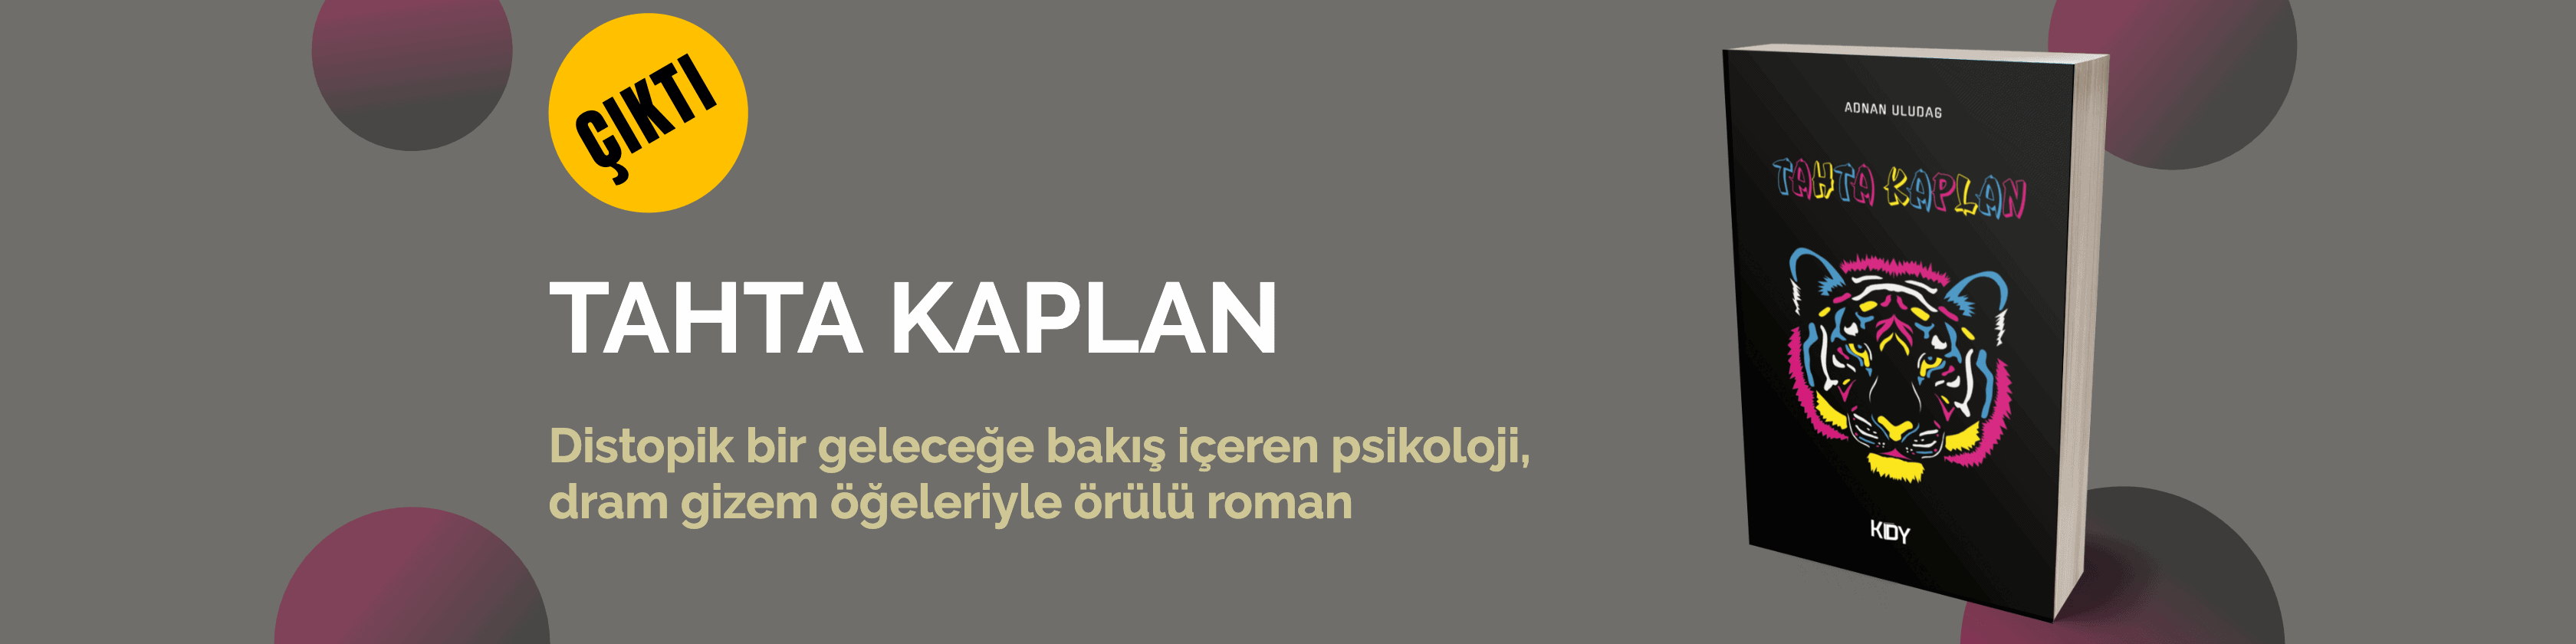 Tahta Kaplan